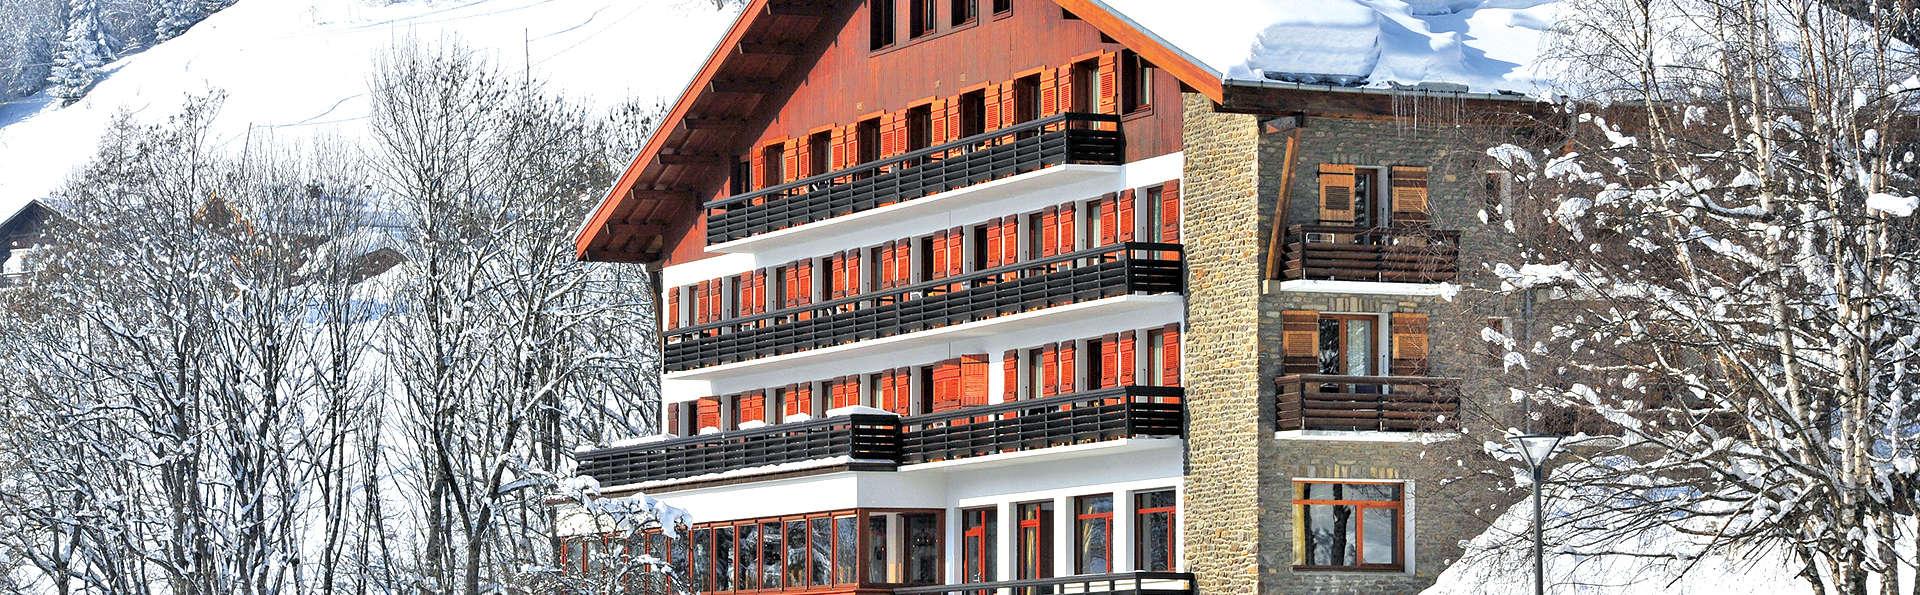 Hôtel Vacances Bleues Les Chalets du Prariand - Edit_Front6.jpg